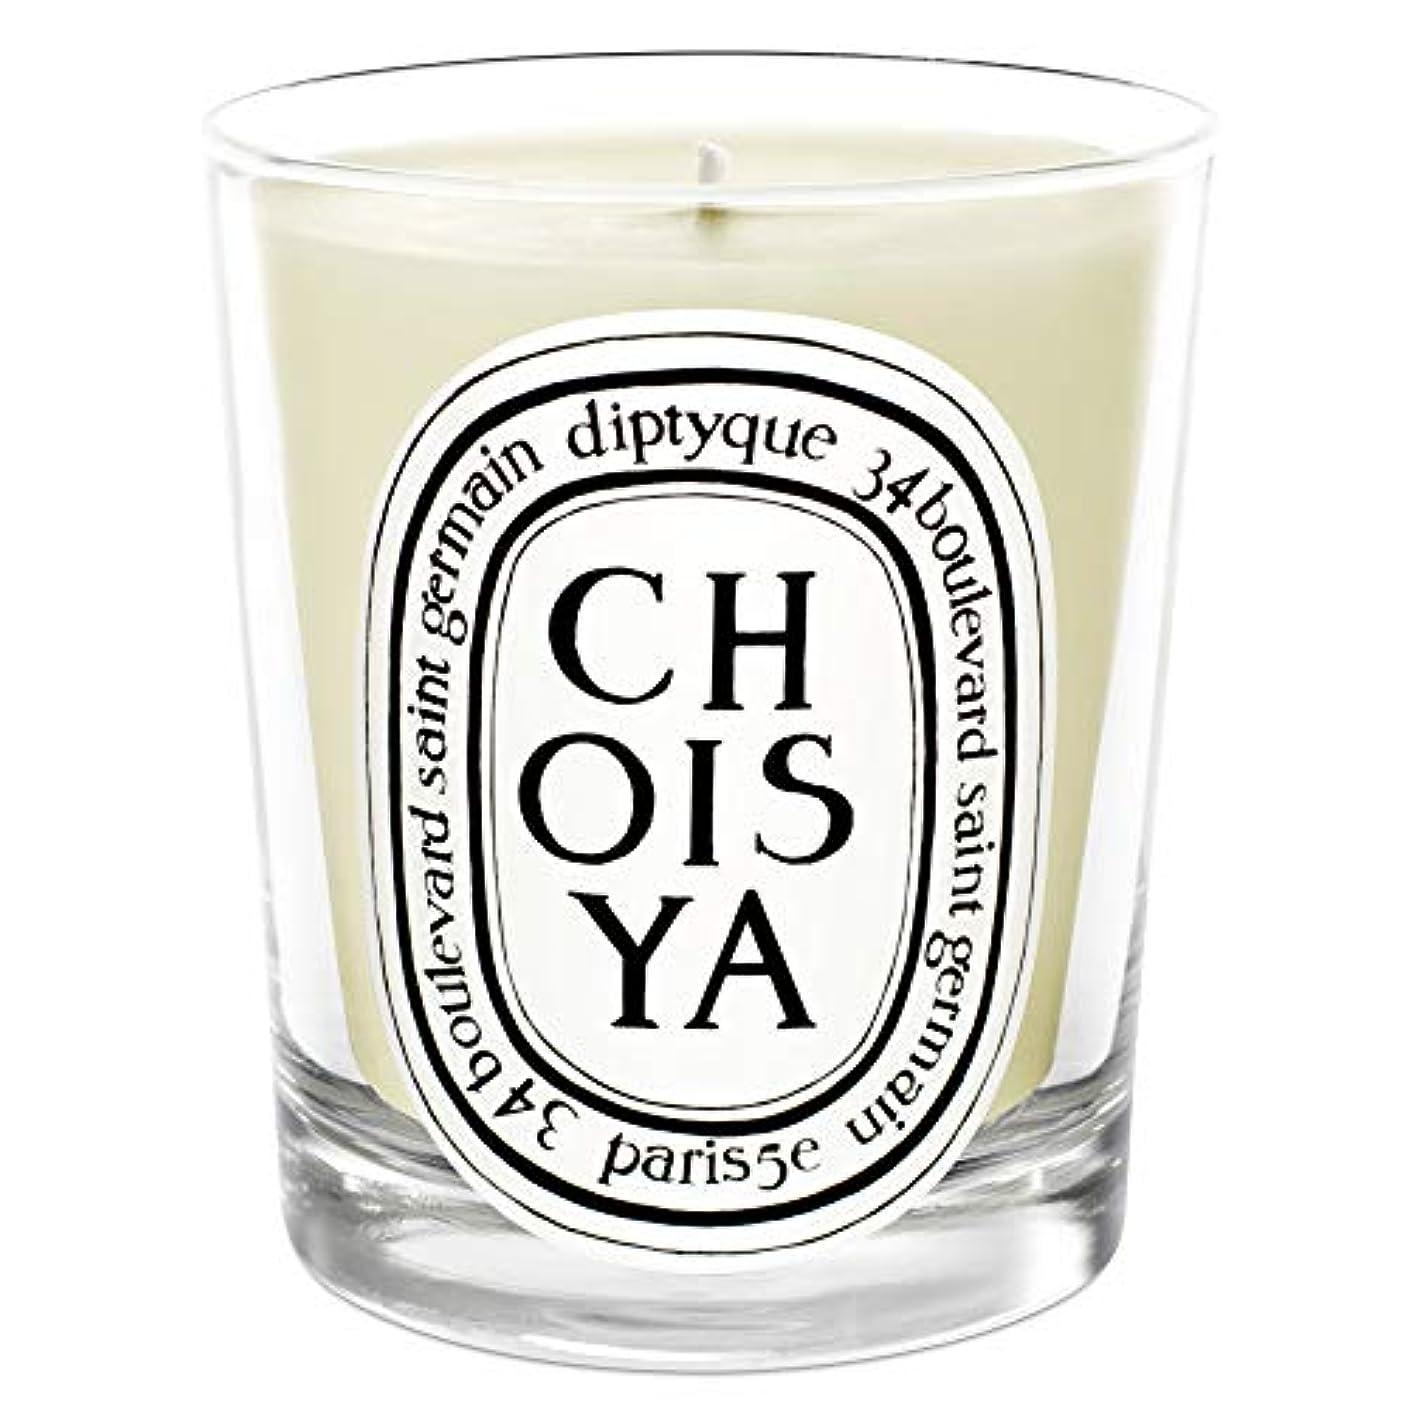 踏み台引き算不名誉な[Diptyque] Diptyque Choisya香りのキャンドル190グラム - Diptyque Choisya Scented Candle 190g [並行輸入品]